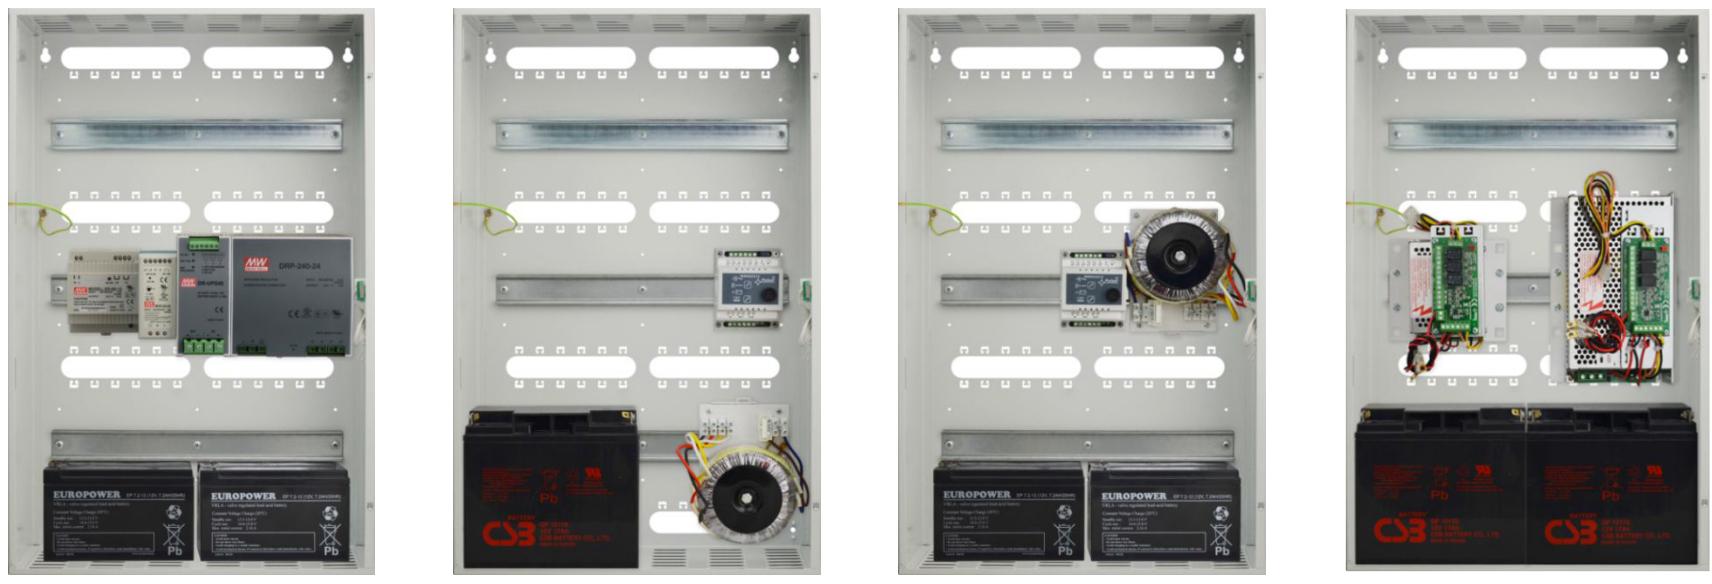 Pulsar AWO613 - Możliwość zamontowania zasilaczy i transformatorów.